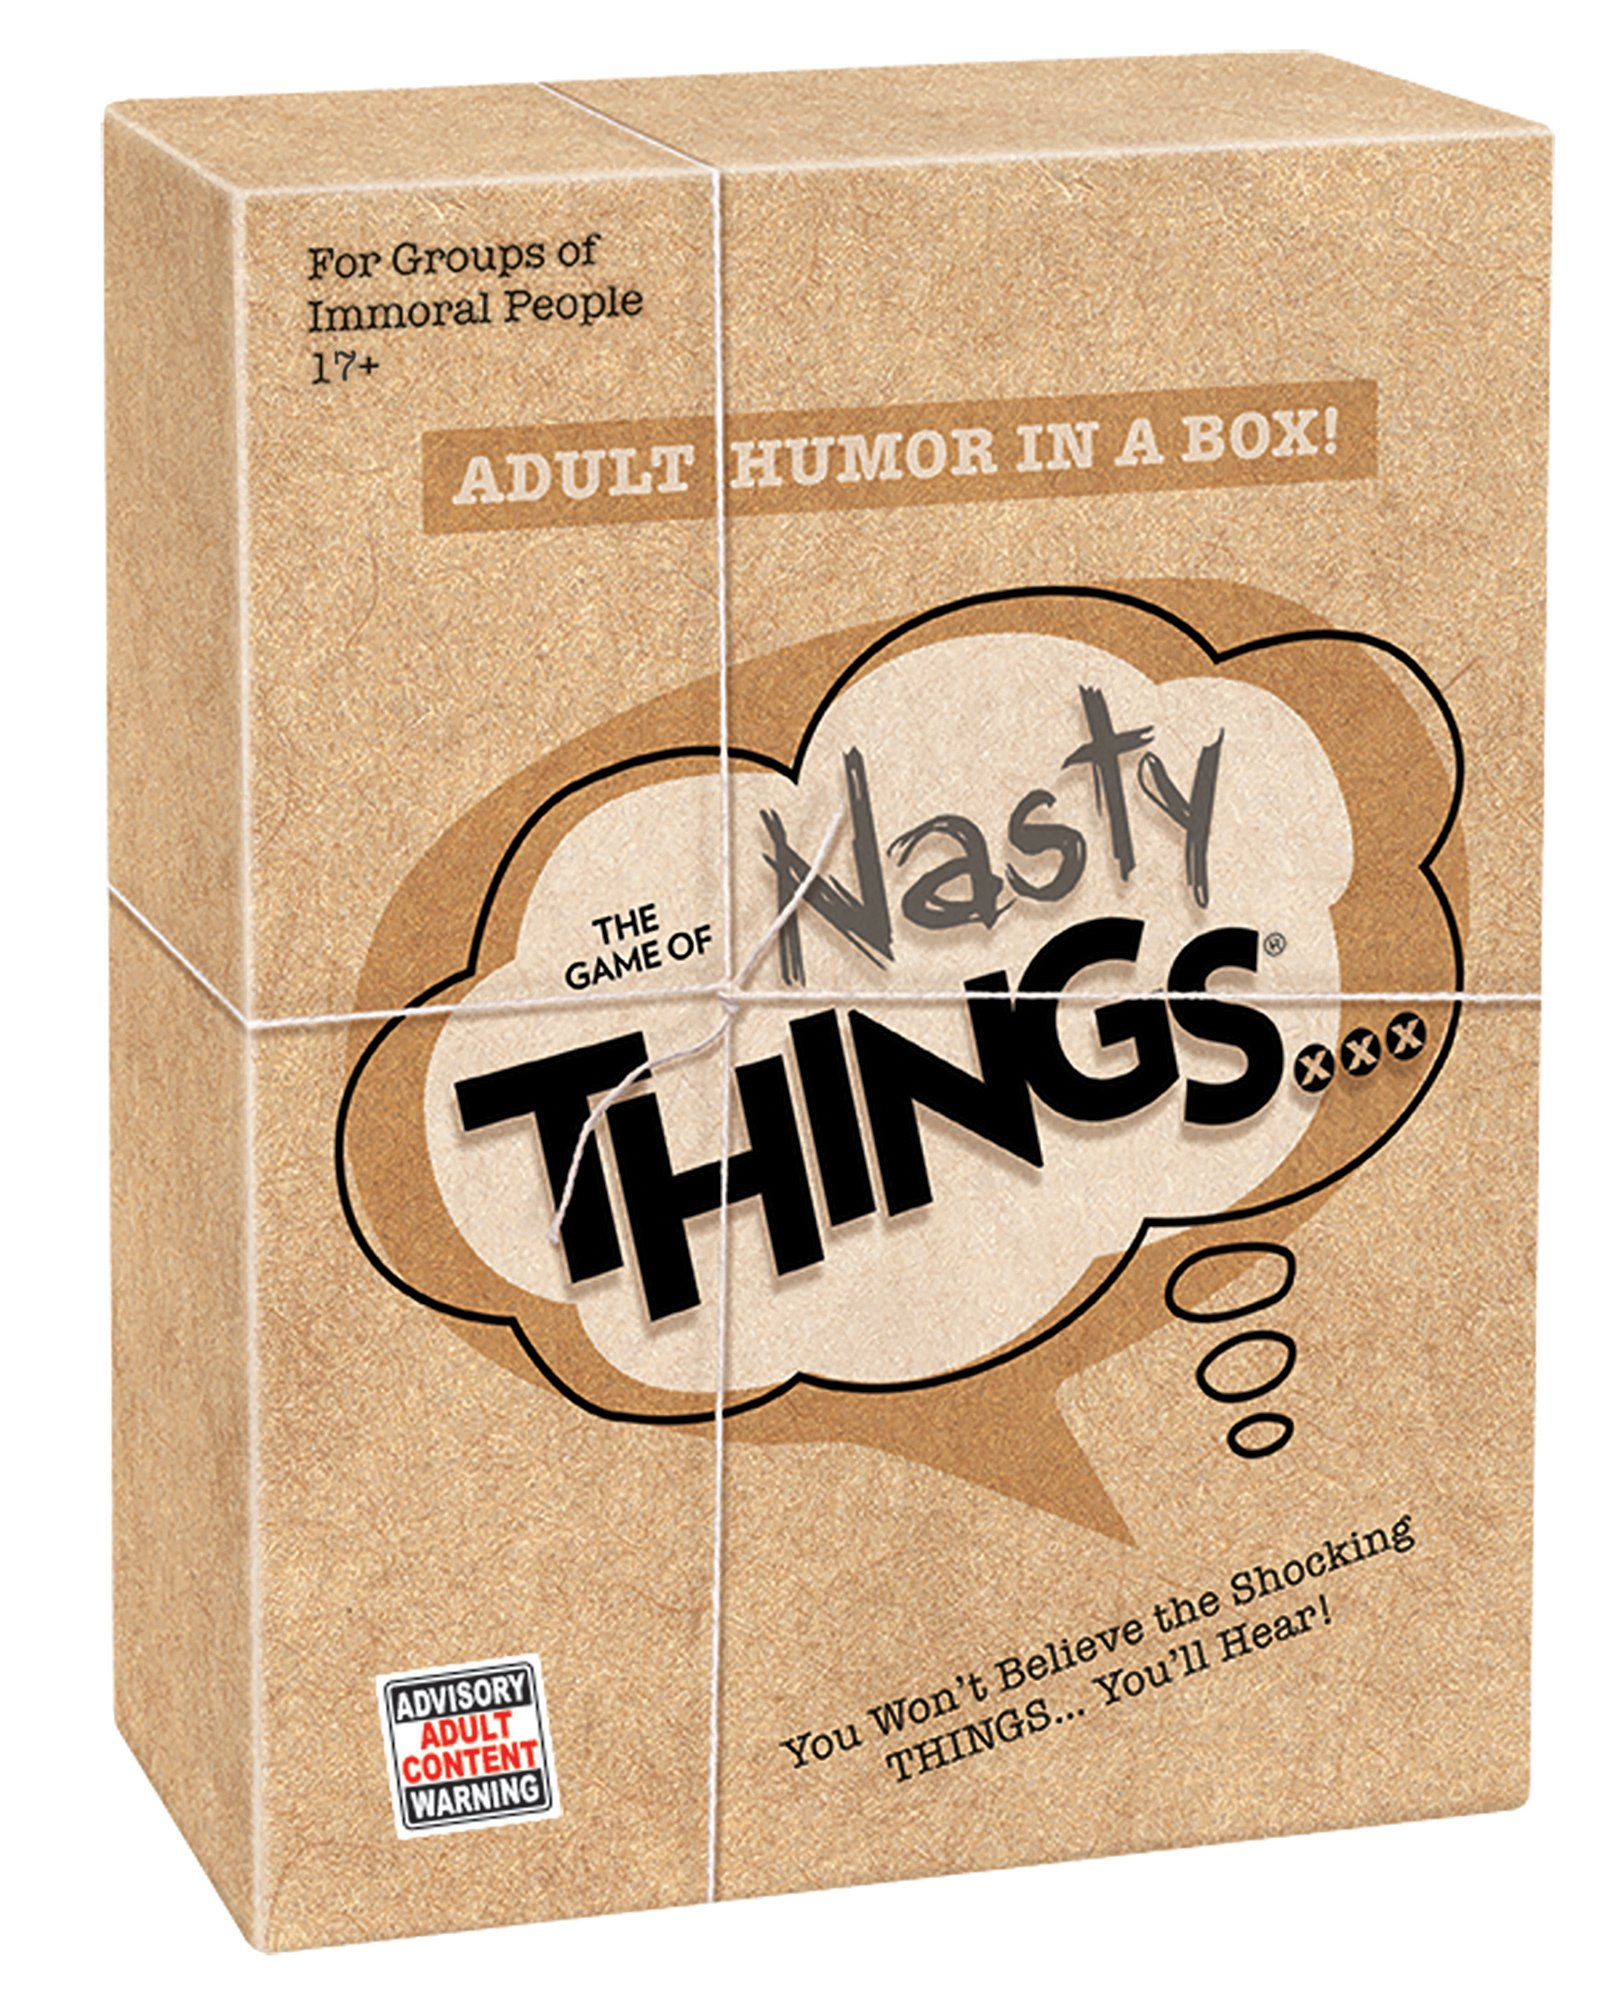 Buy Nasty Things Now!